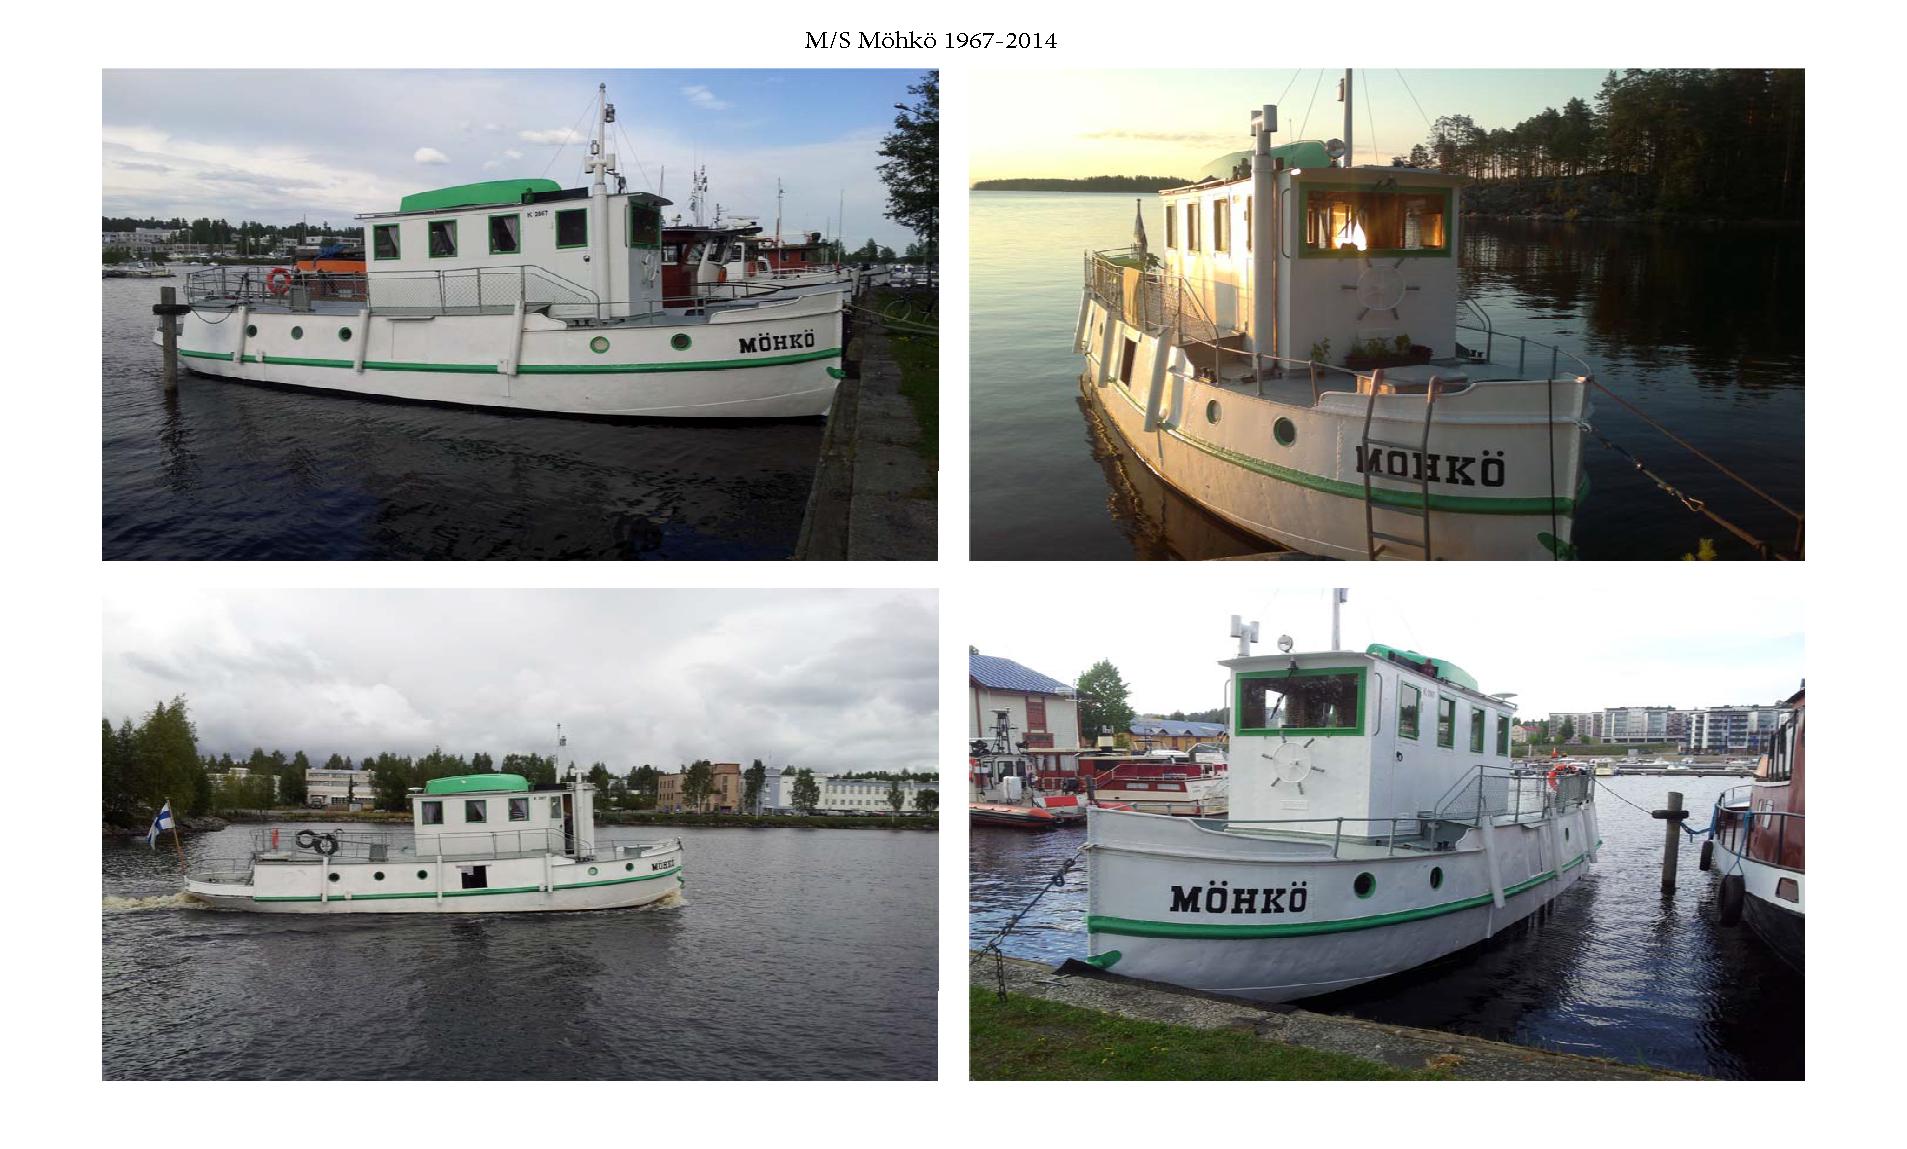 Möhkö_1967-2014